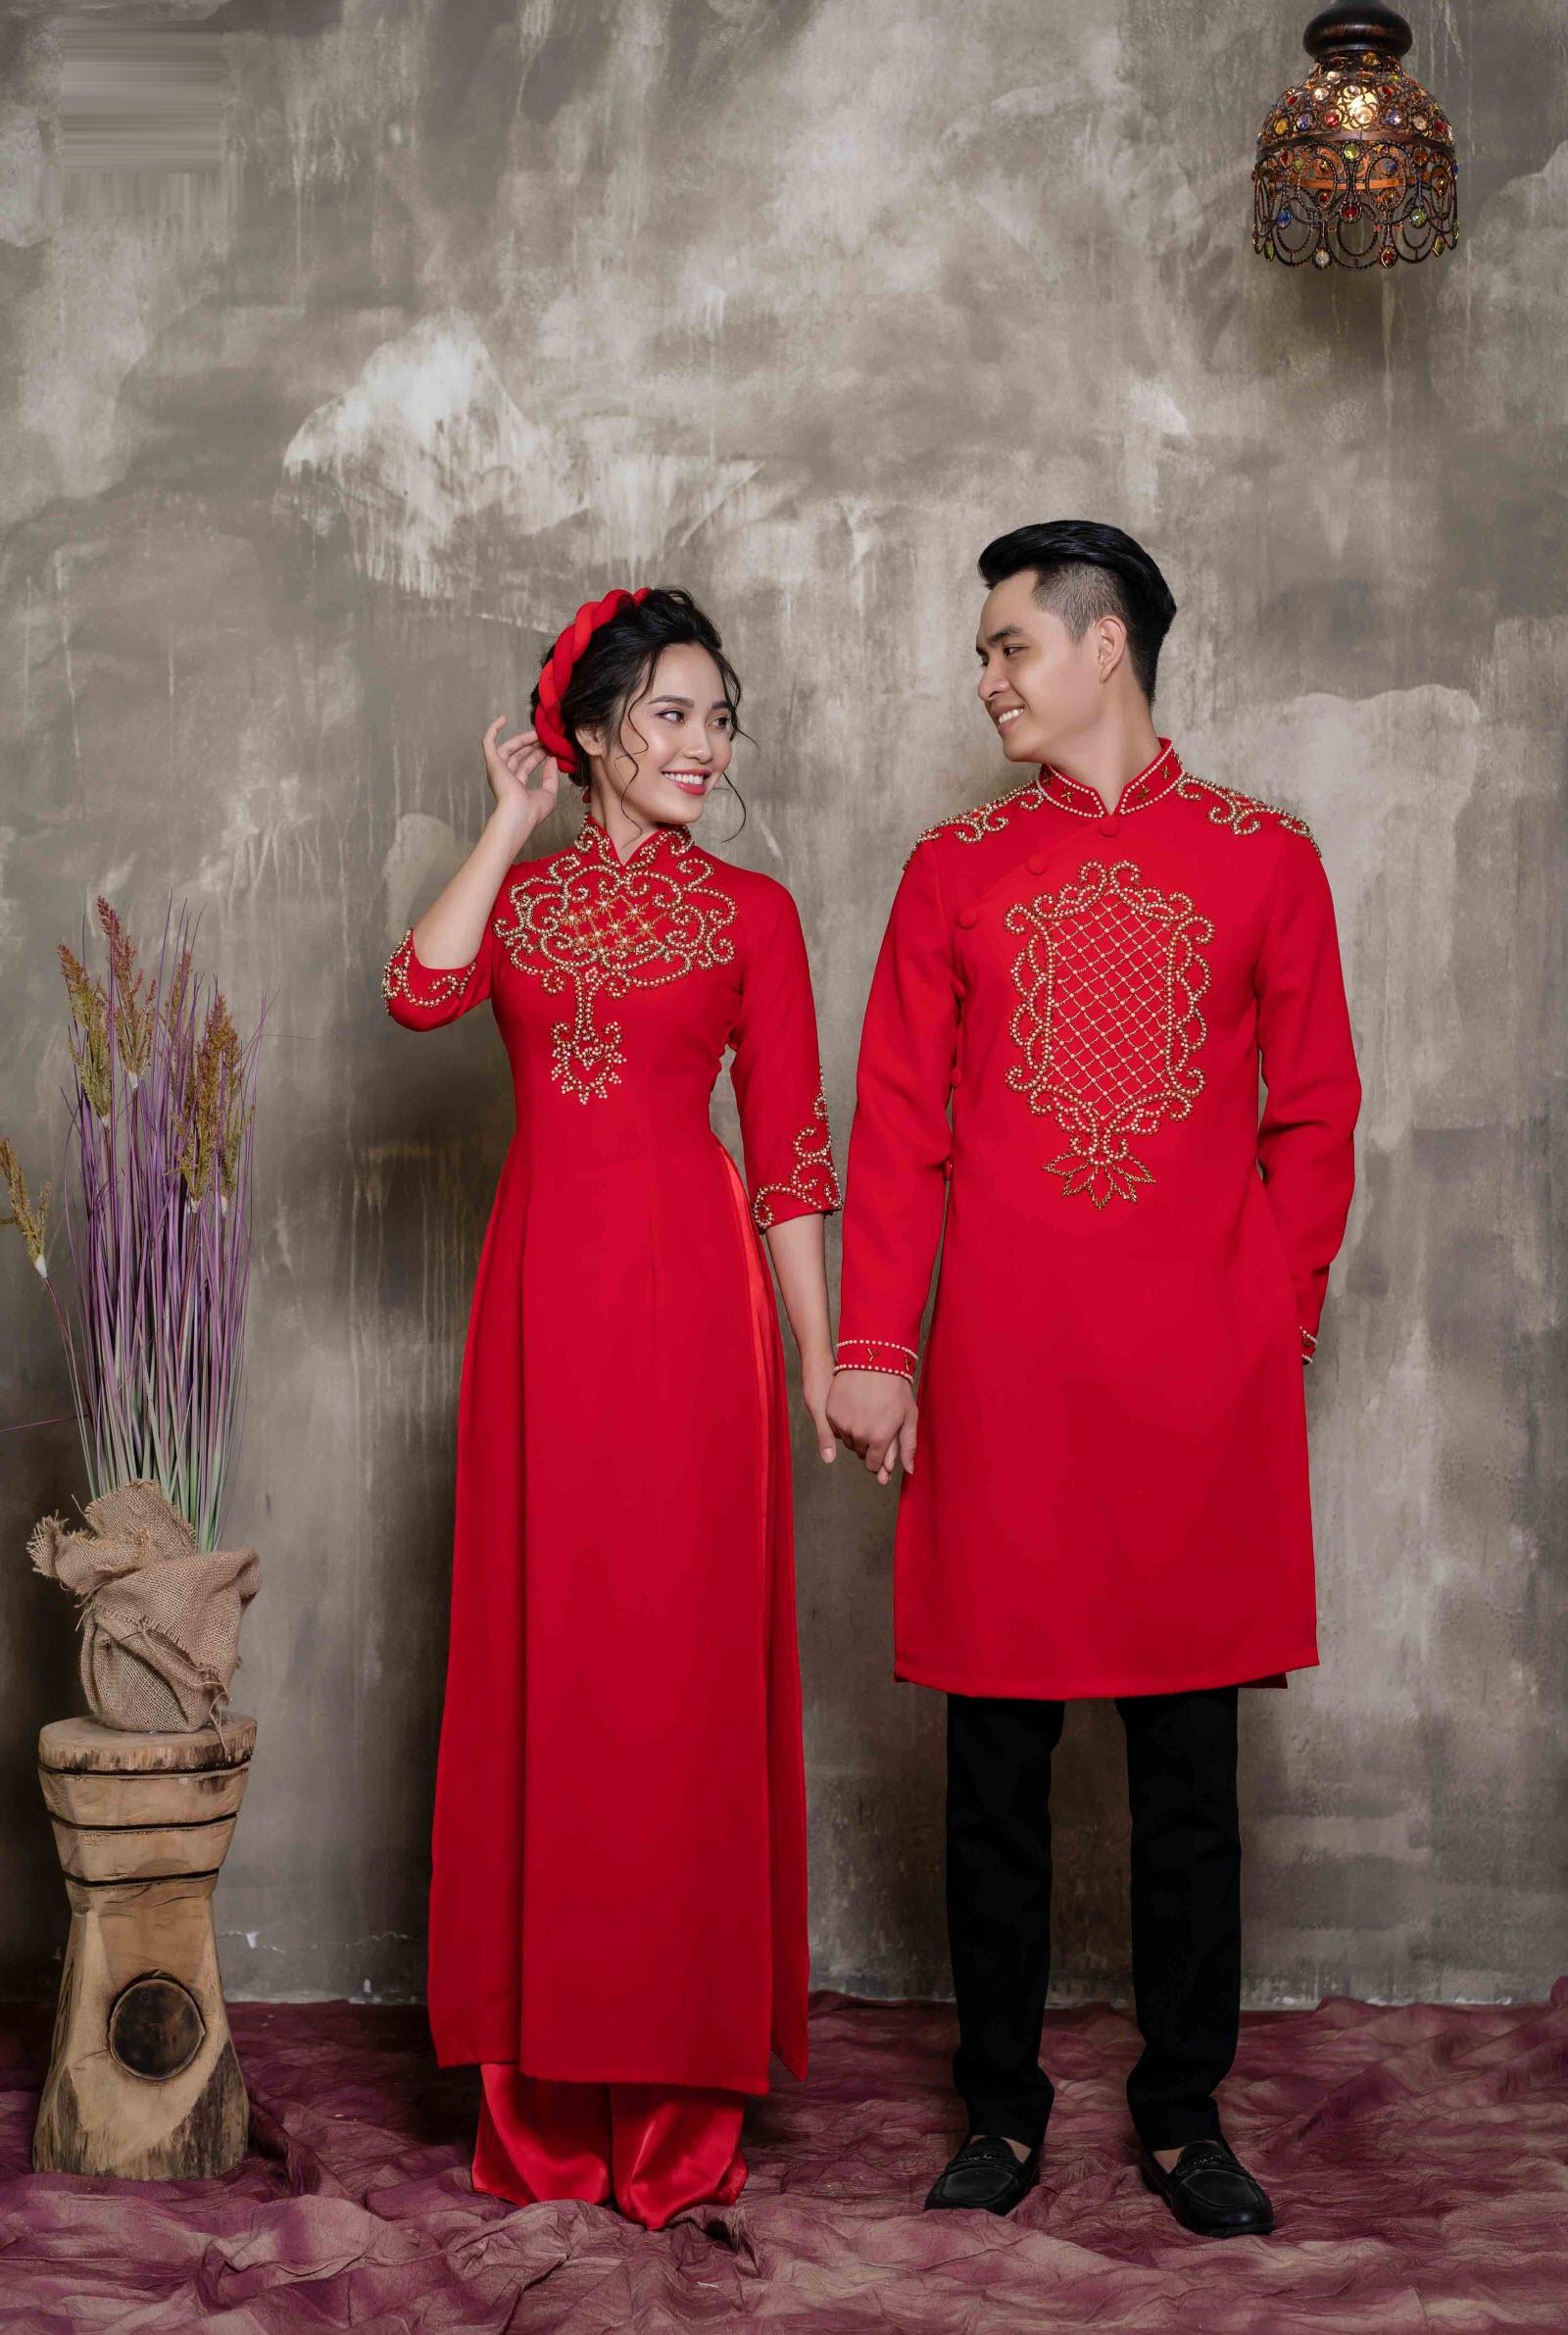 Mẫu áo dài cưới đôi nam nữ màu đỏ đẹp nhất